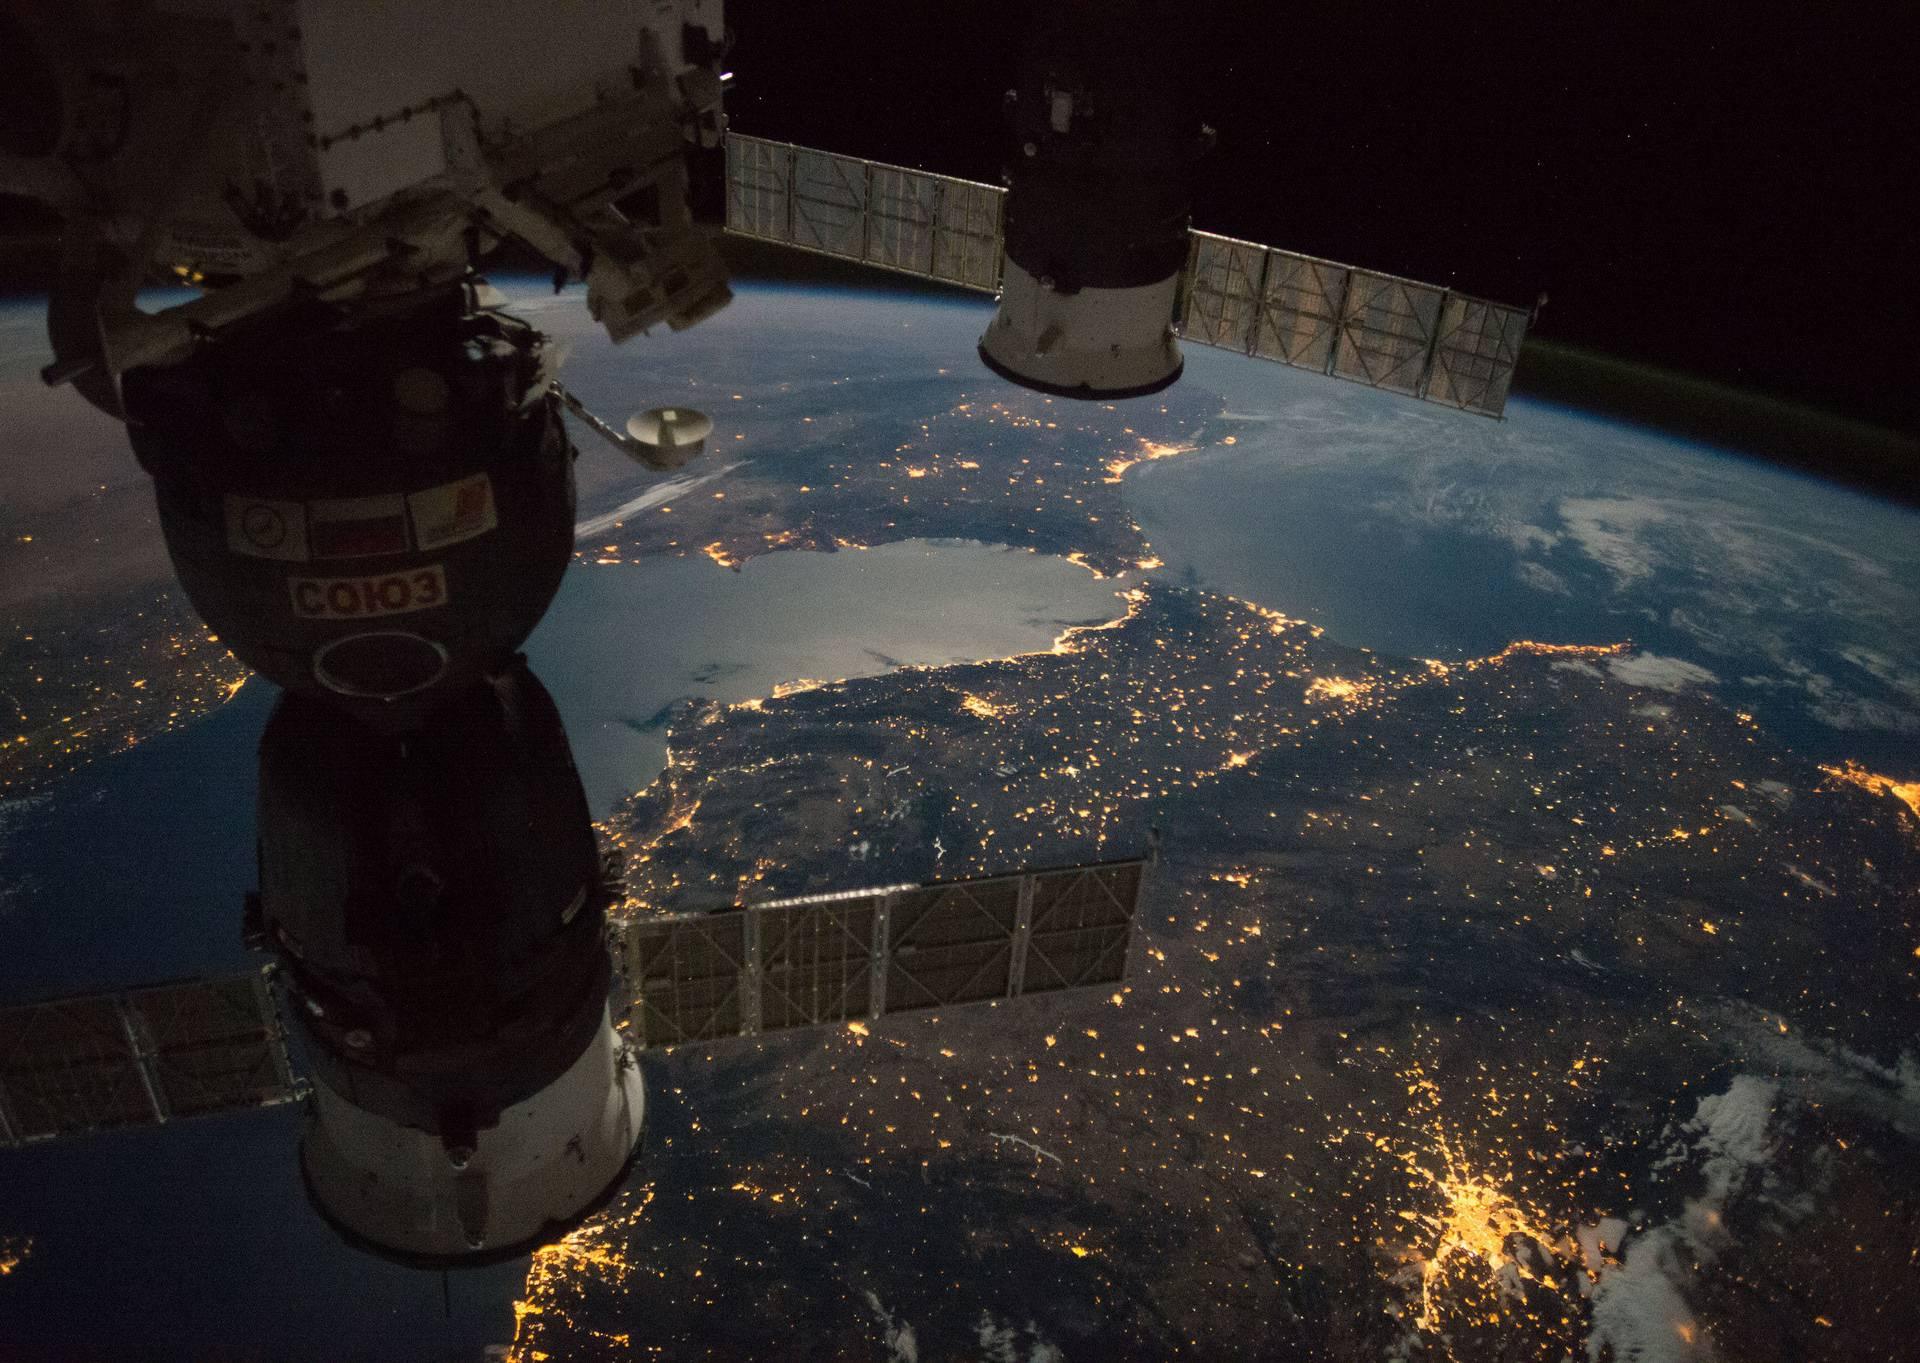 Misteriozne 'bube' u svemiru: 'Astronauti bi mogli stradati...'